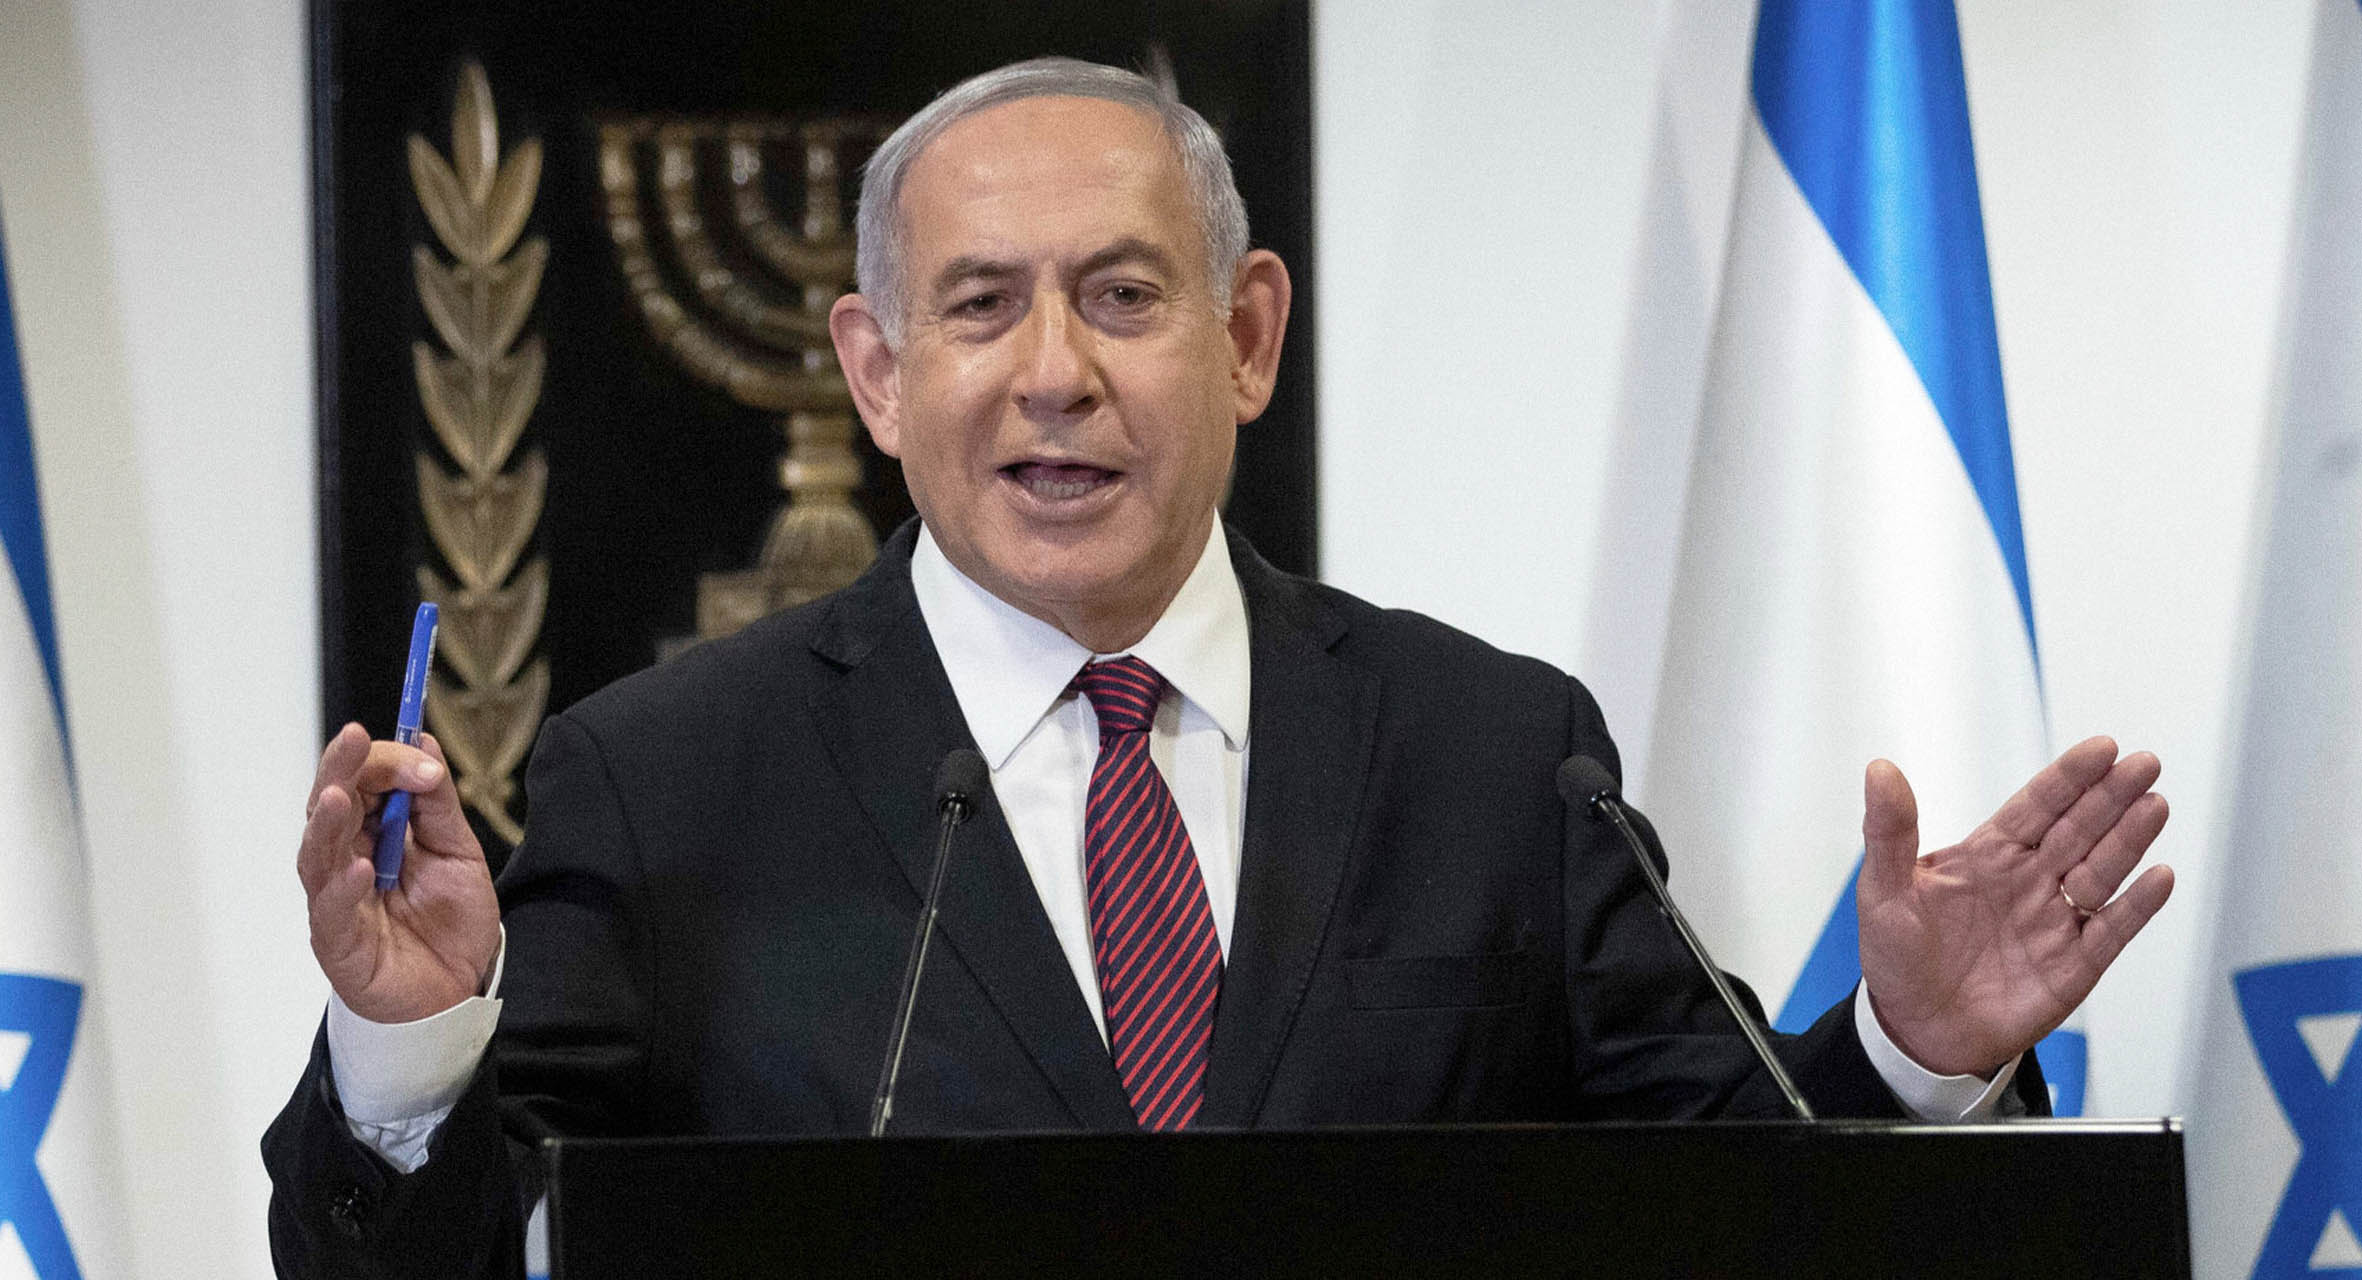 صورة نتنياهو يبدي تفاؤله بانقسام الشارع الإسرائيلي تجاه الانتخابات للاستمرار بإعادتها